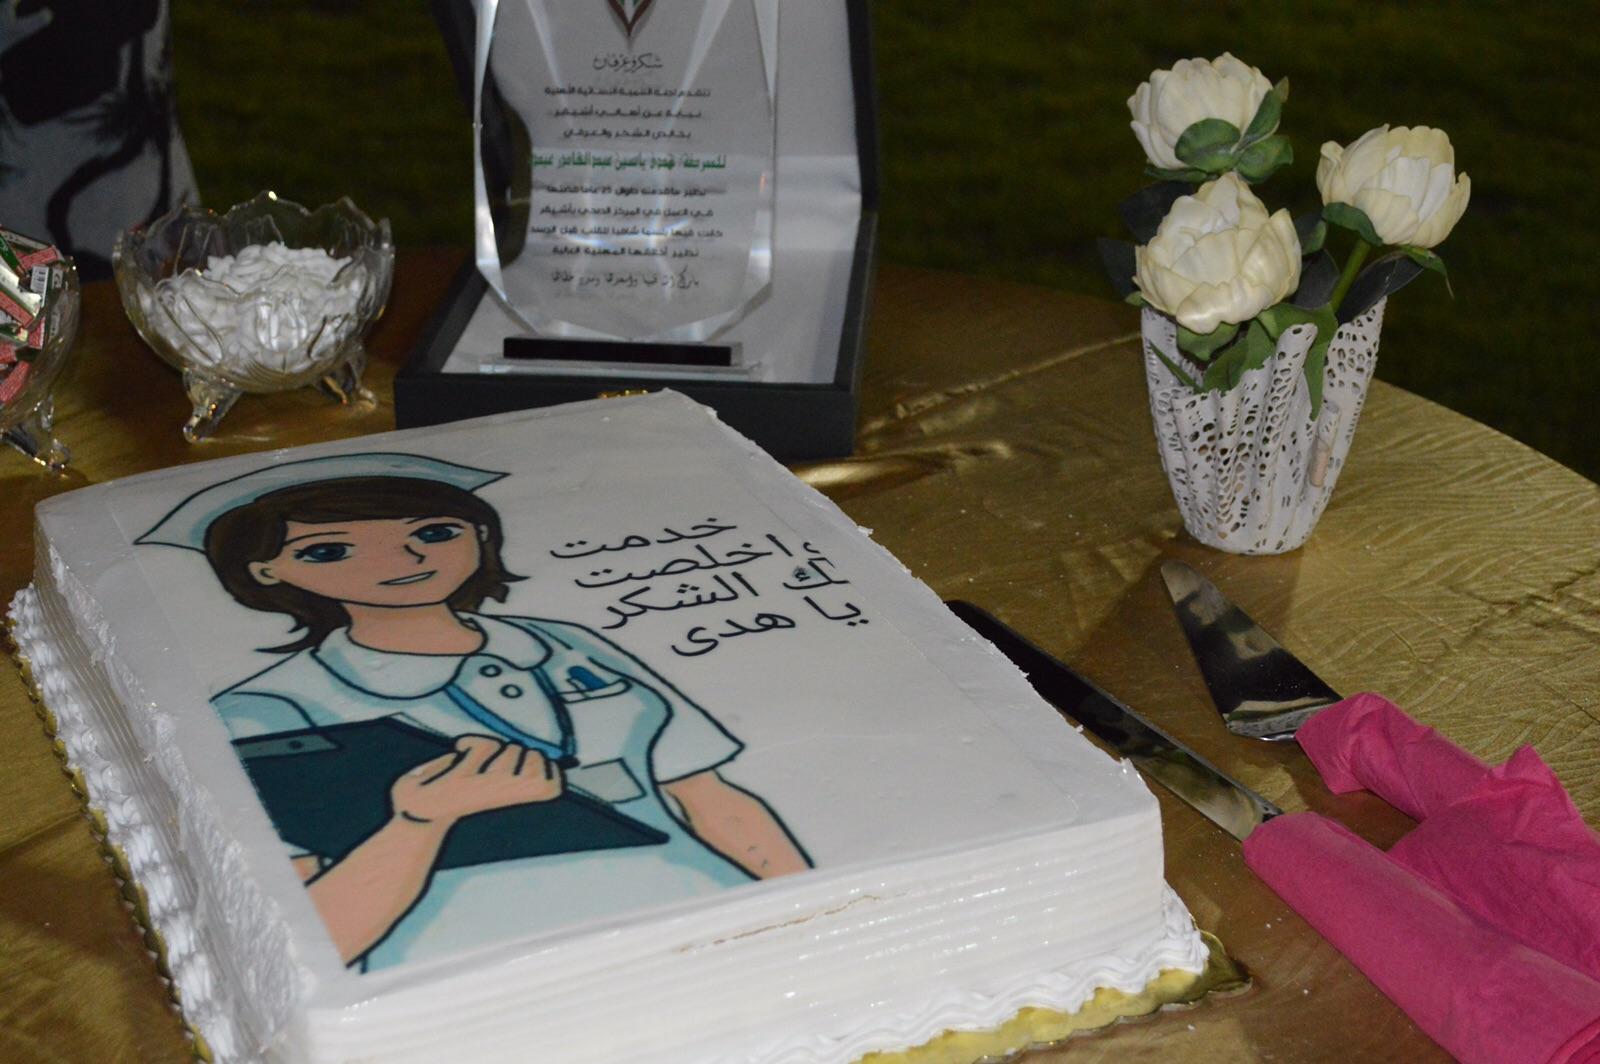 صورة نظير جهودها لأكثر من ٢٠ عام أهالي أشيقر يحتفلون بالممرضة هدى